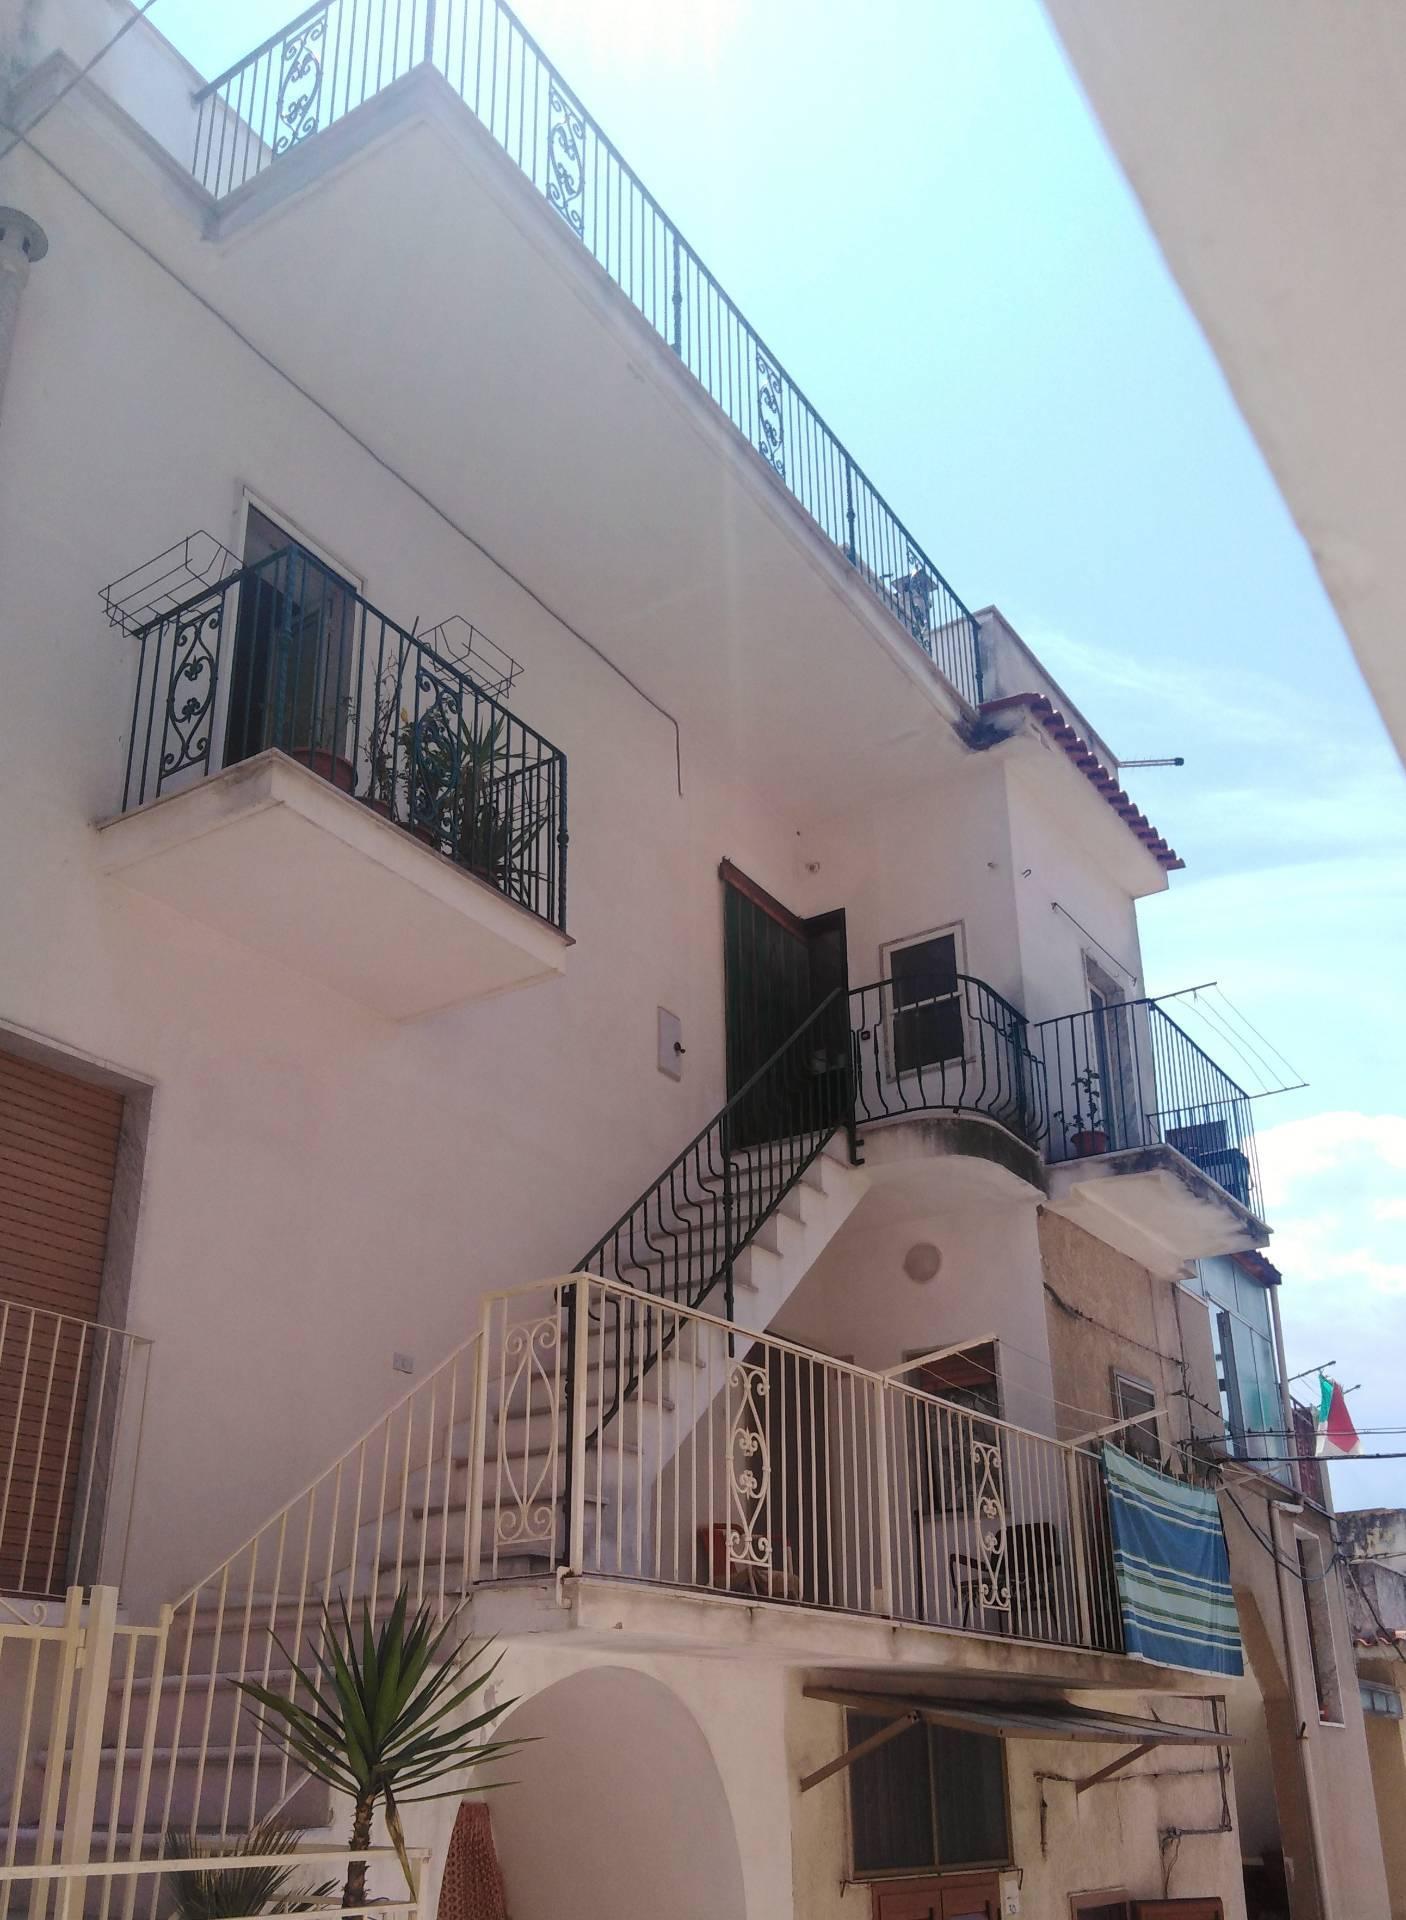 Appartamento in vendita a Ischitella, 3 locali, zona Località: TraverseCBattisti/Valloncello, prezzo € 80.000 | PortaleAgenzieImmobiliari.it